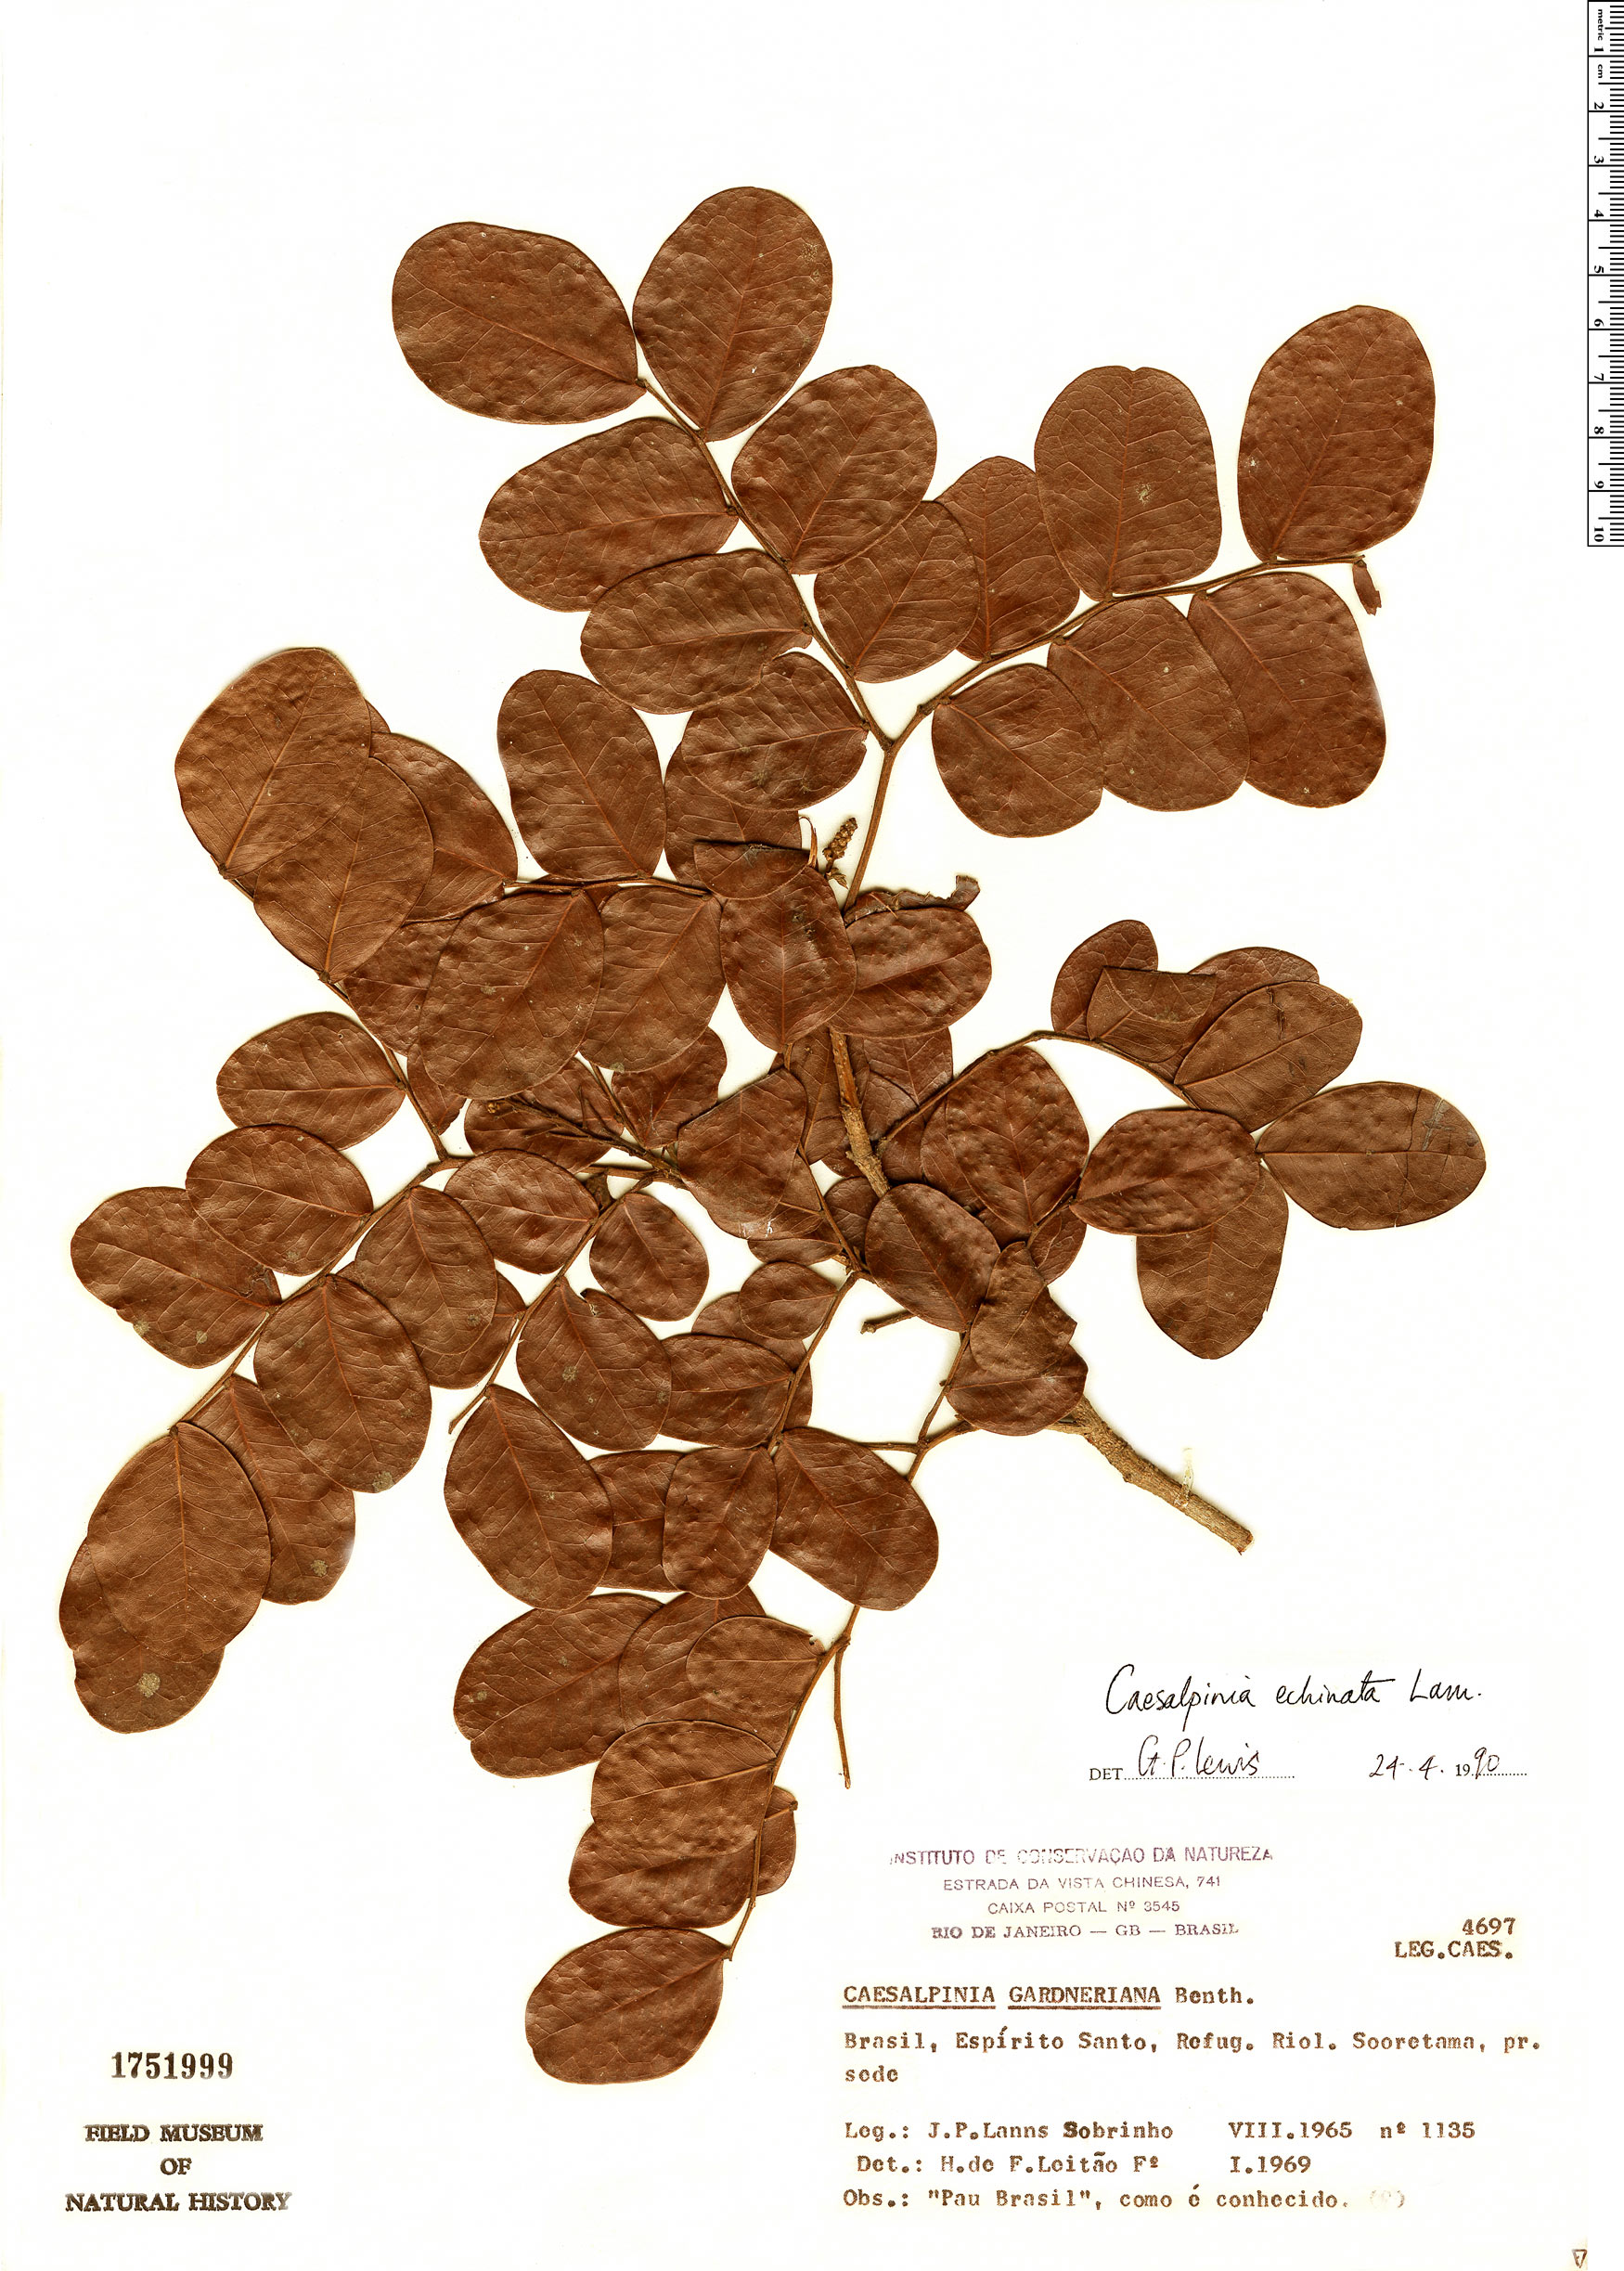 Specimen: Caesalpinia echinata